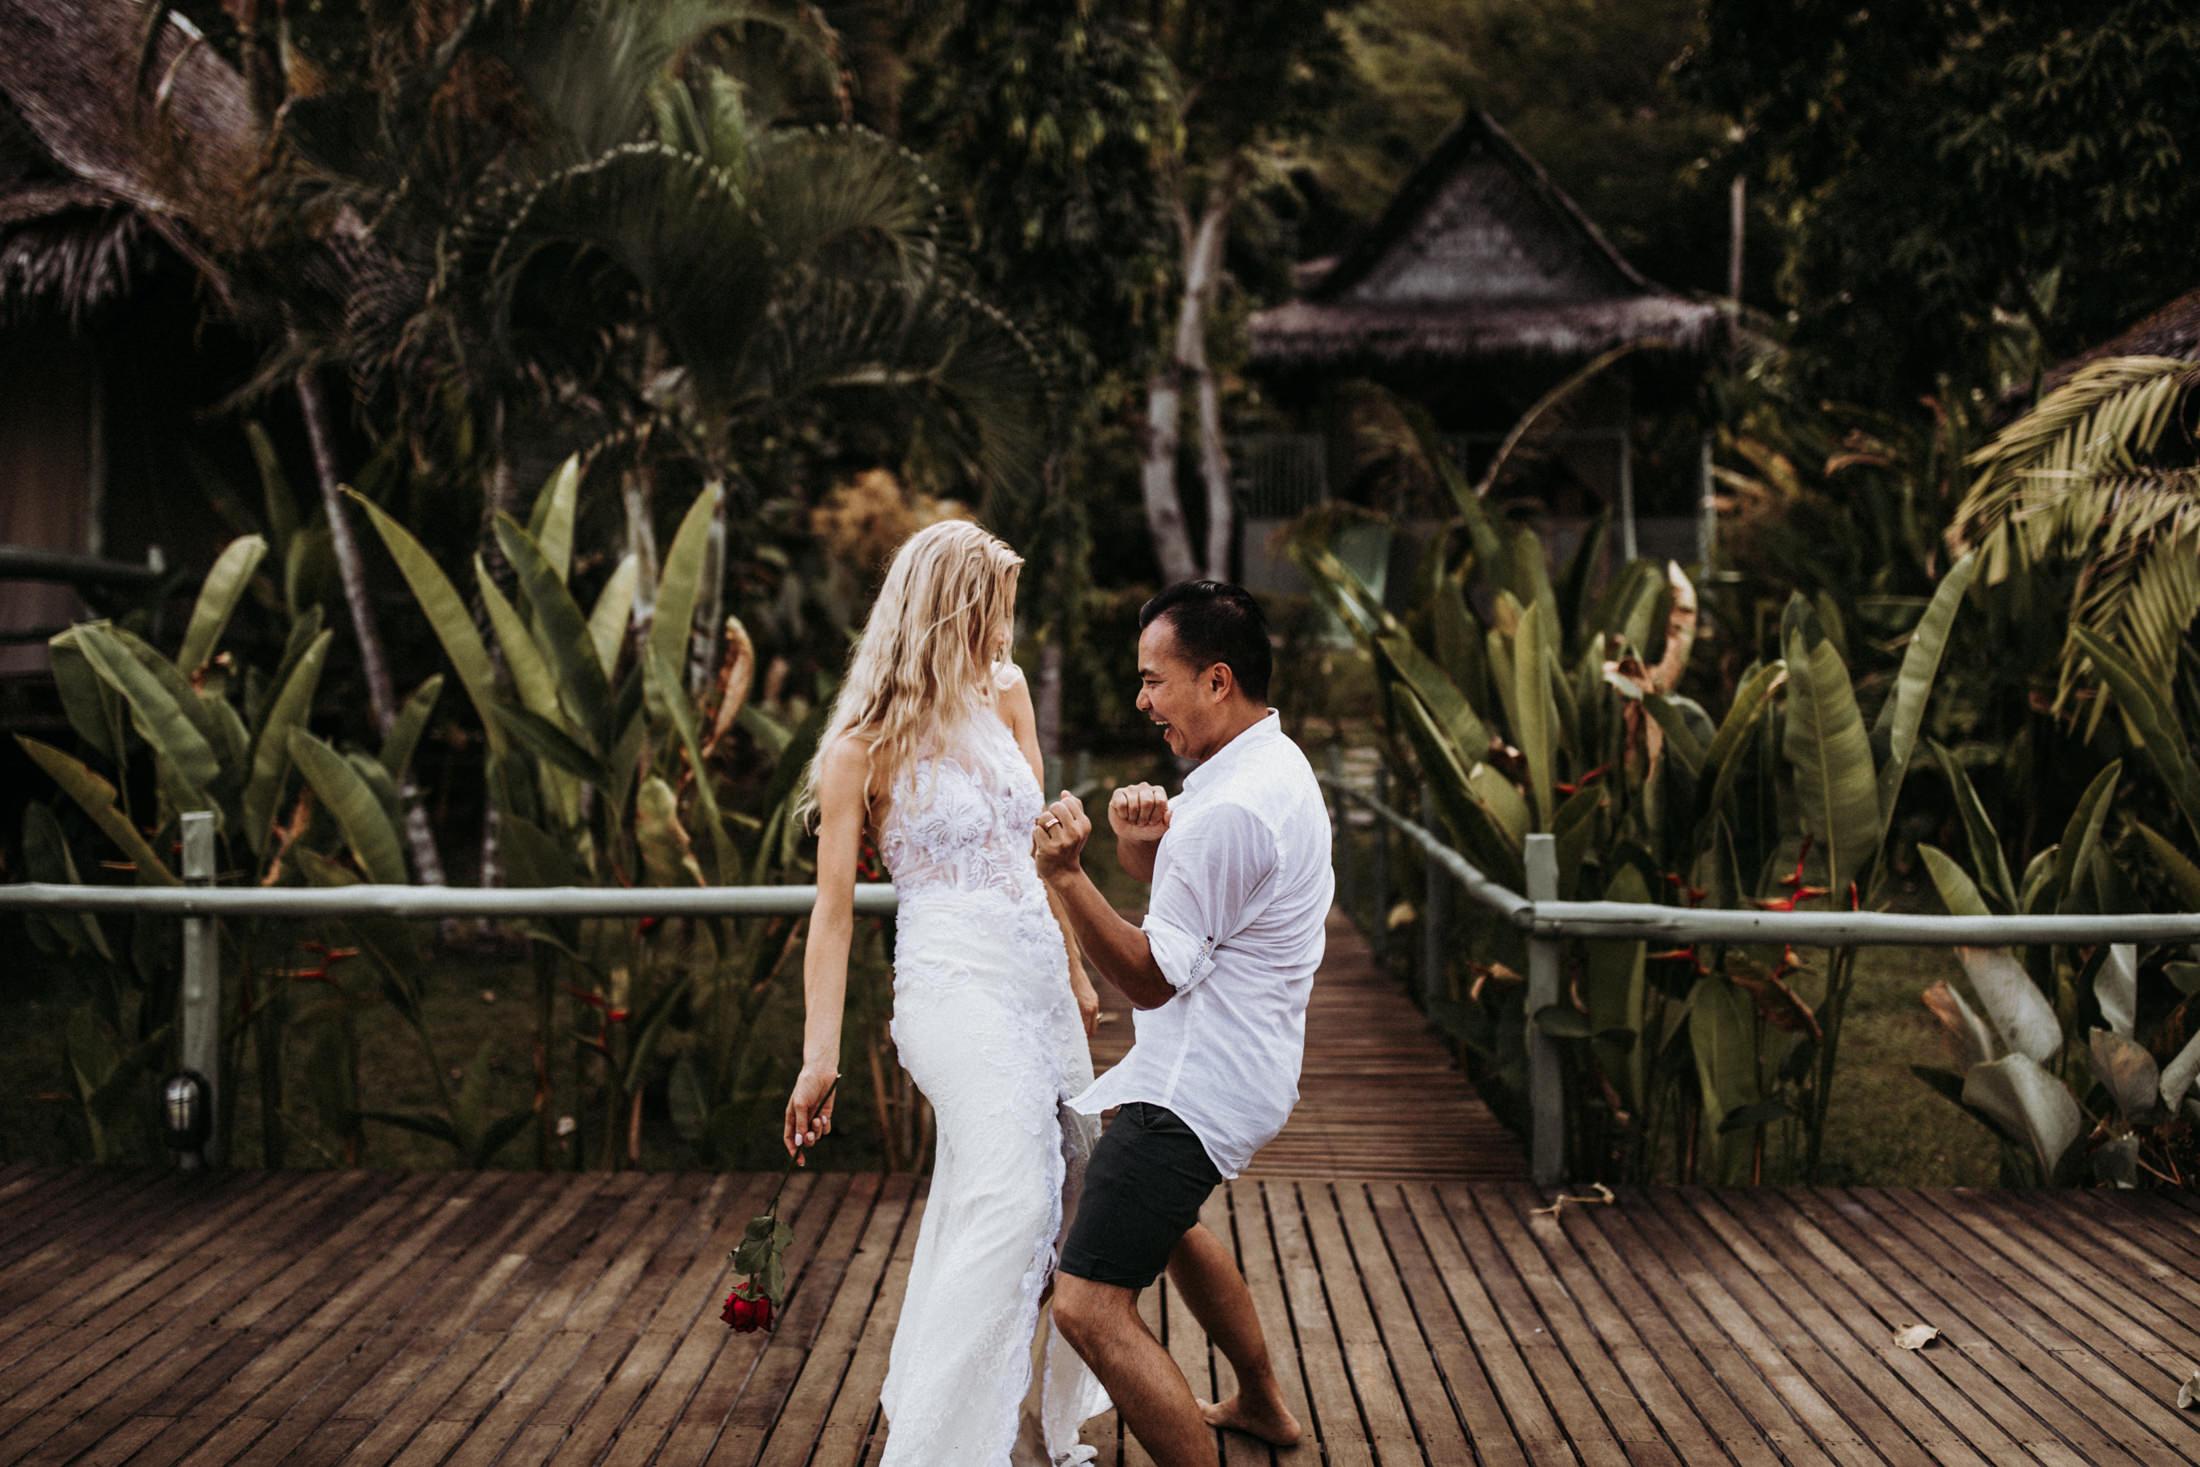 DanielaMarquardt_Wedding_Thailand_491